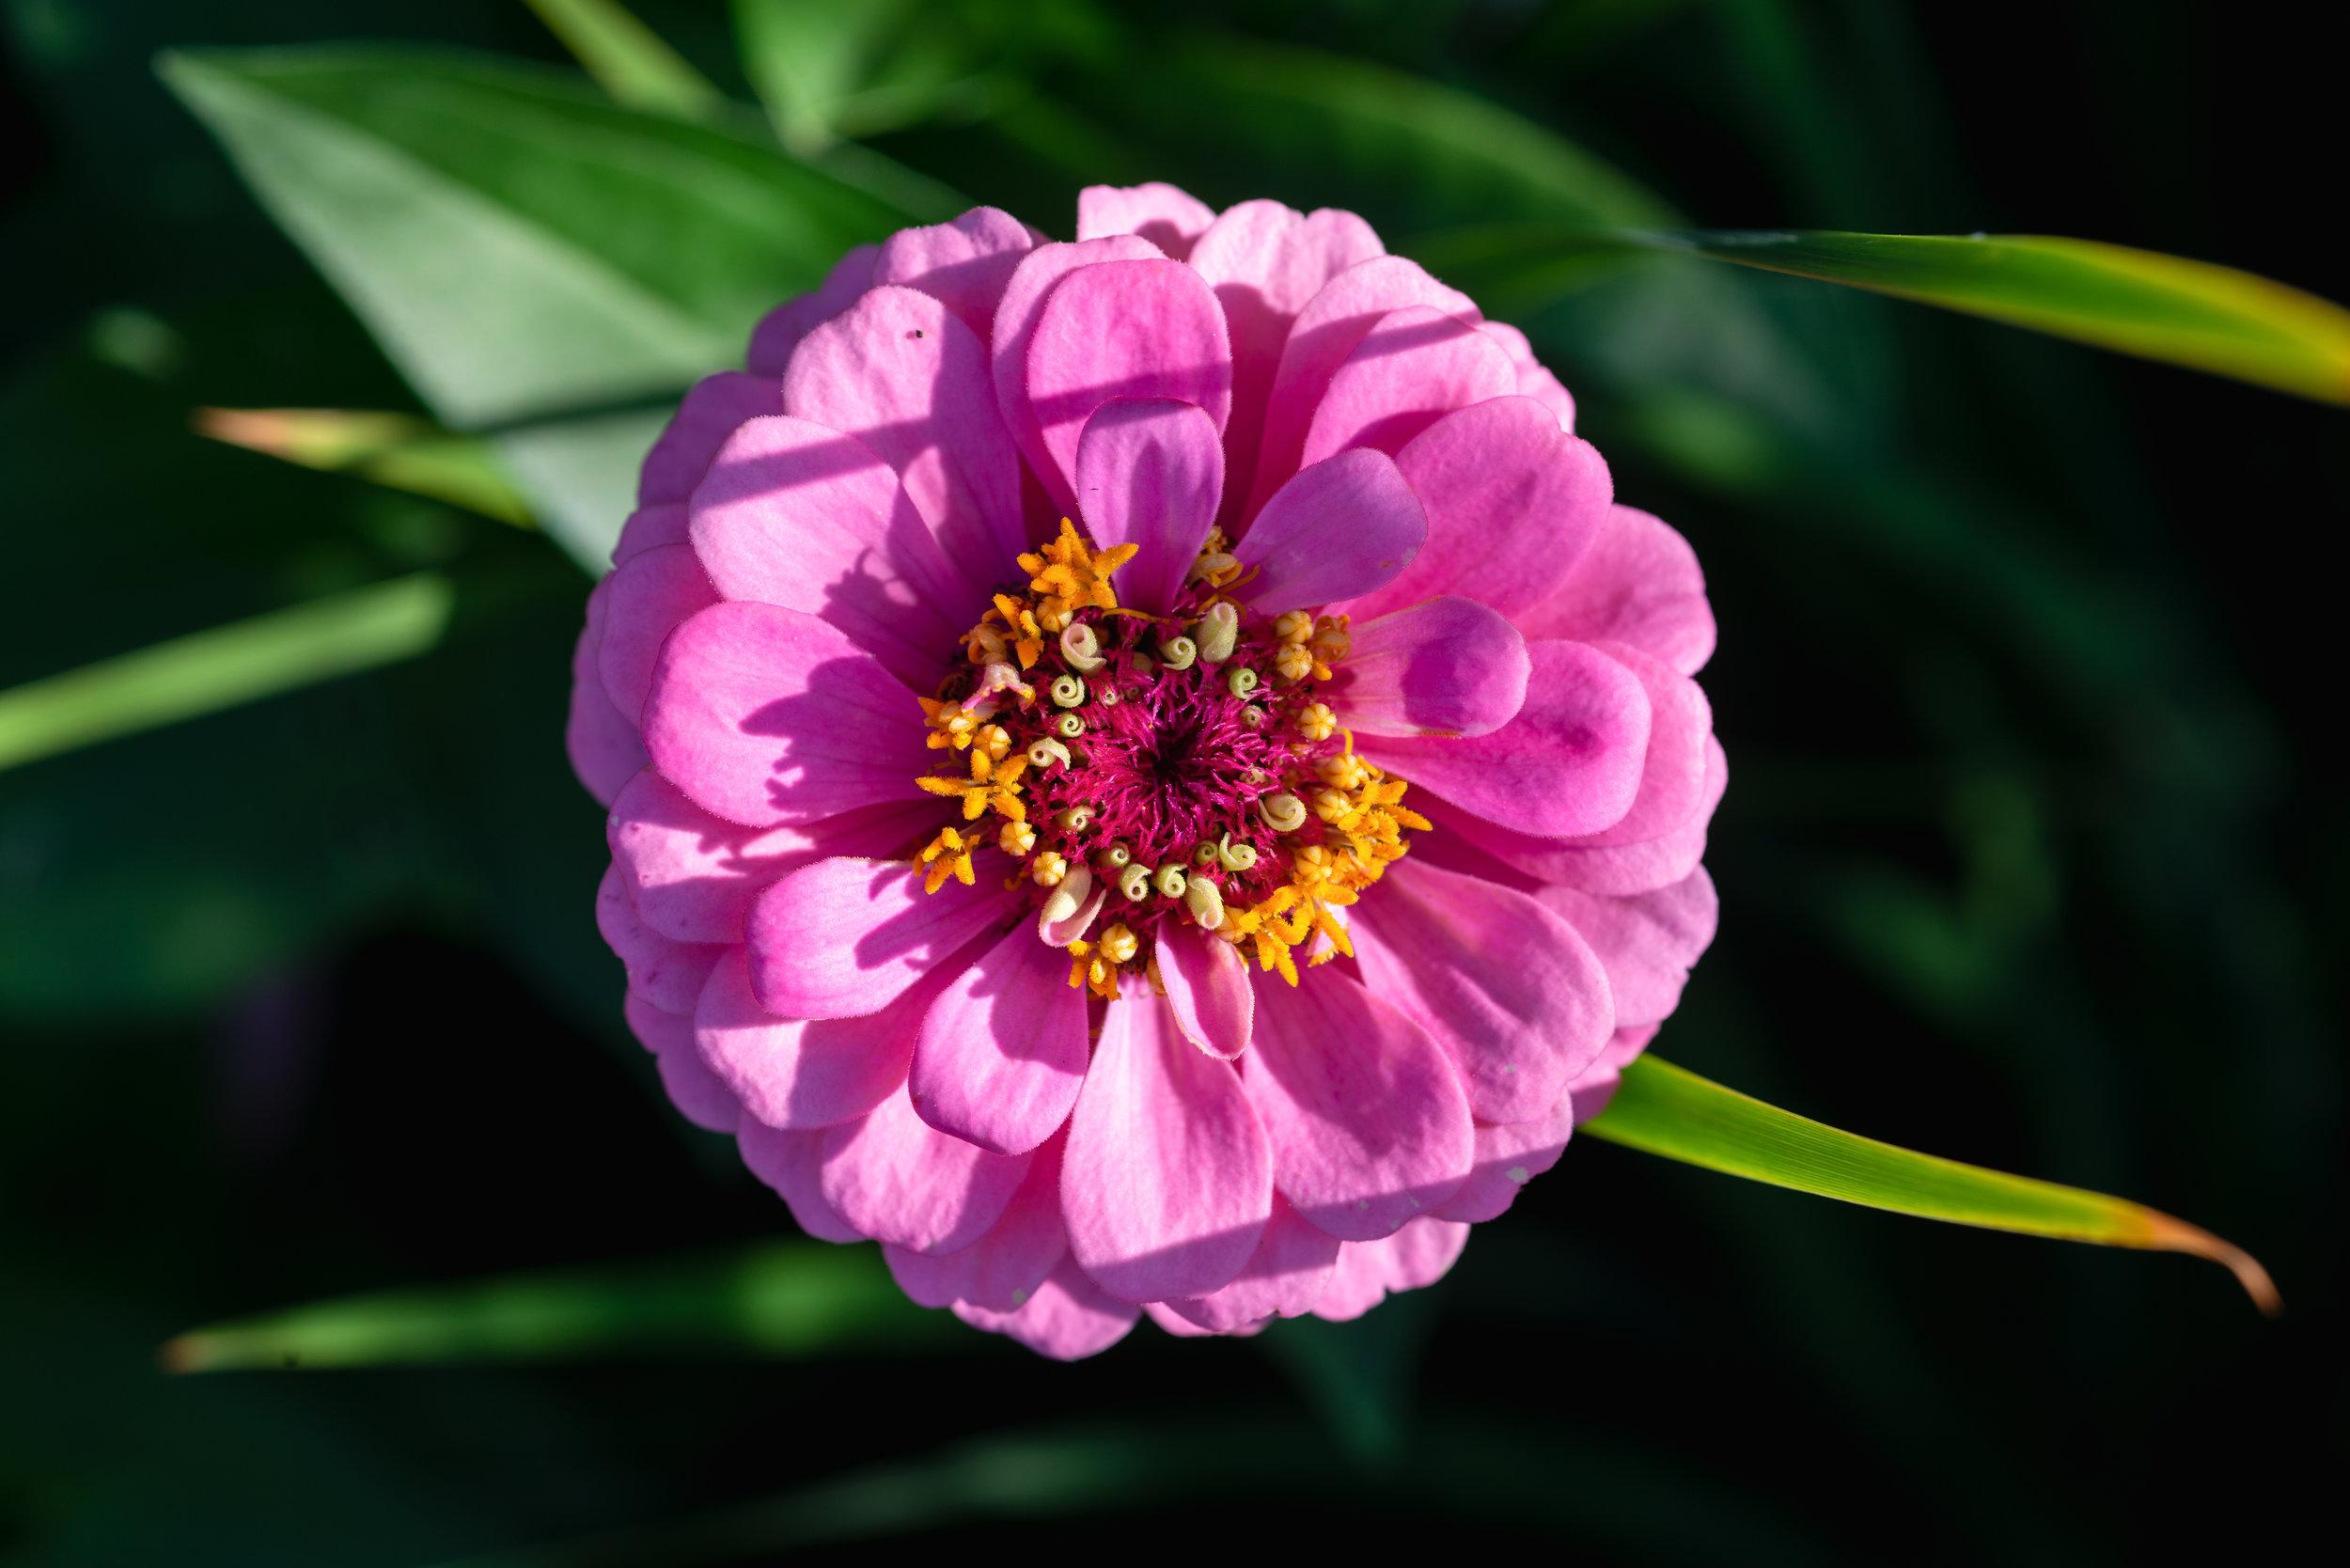 macro flower 123 - 072418 (1 of 1).jpg